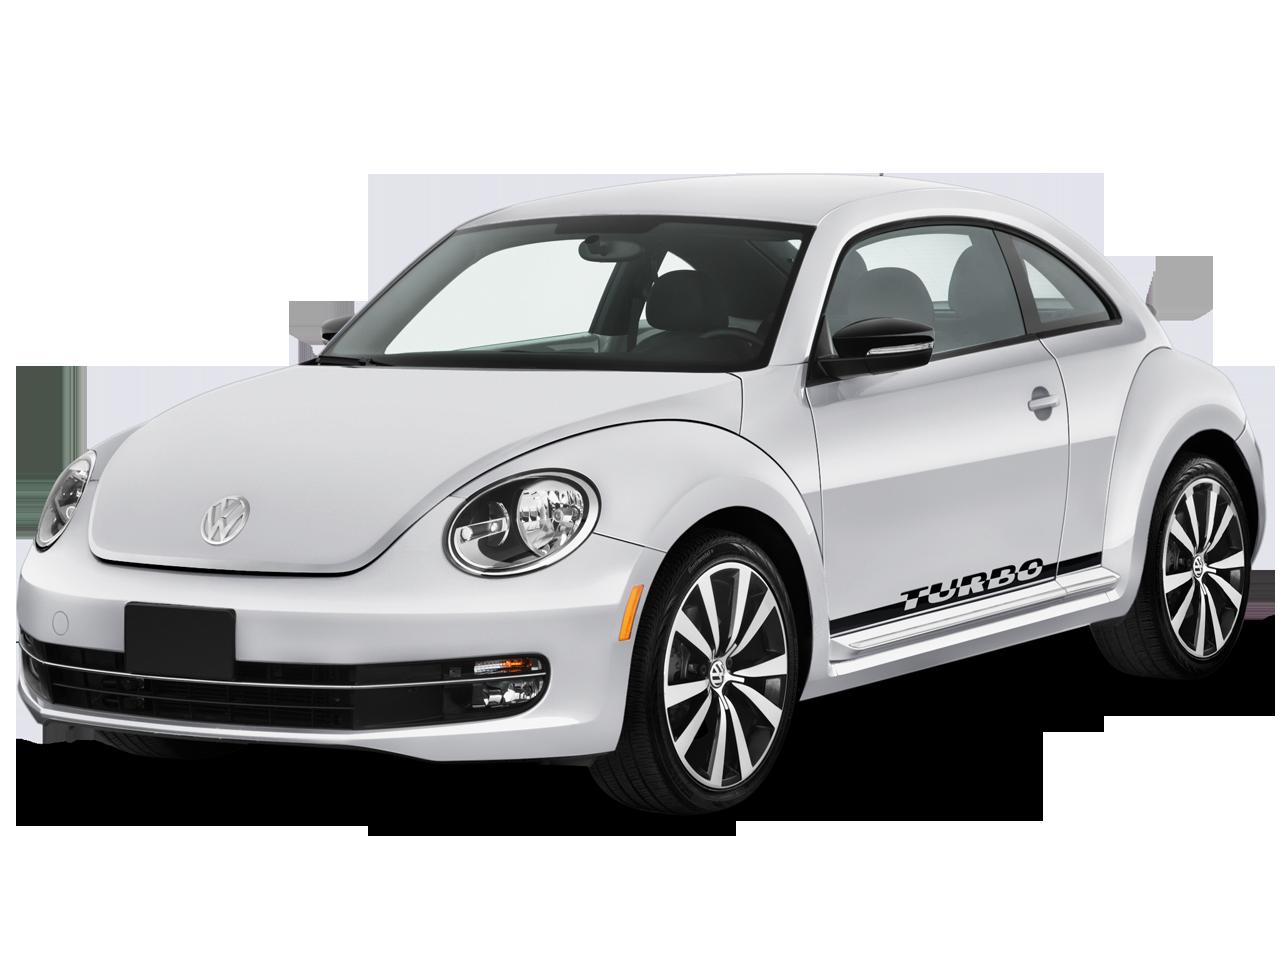 White Volkswagen Beetle PNG car image - Volkswagen PNG